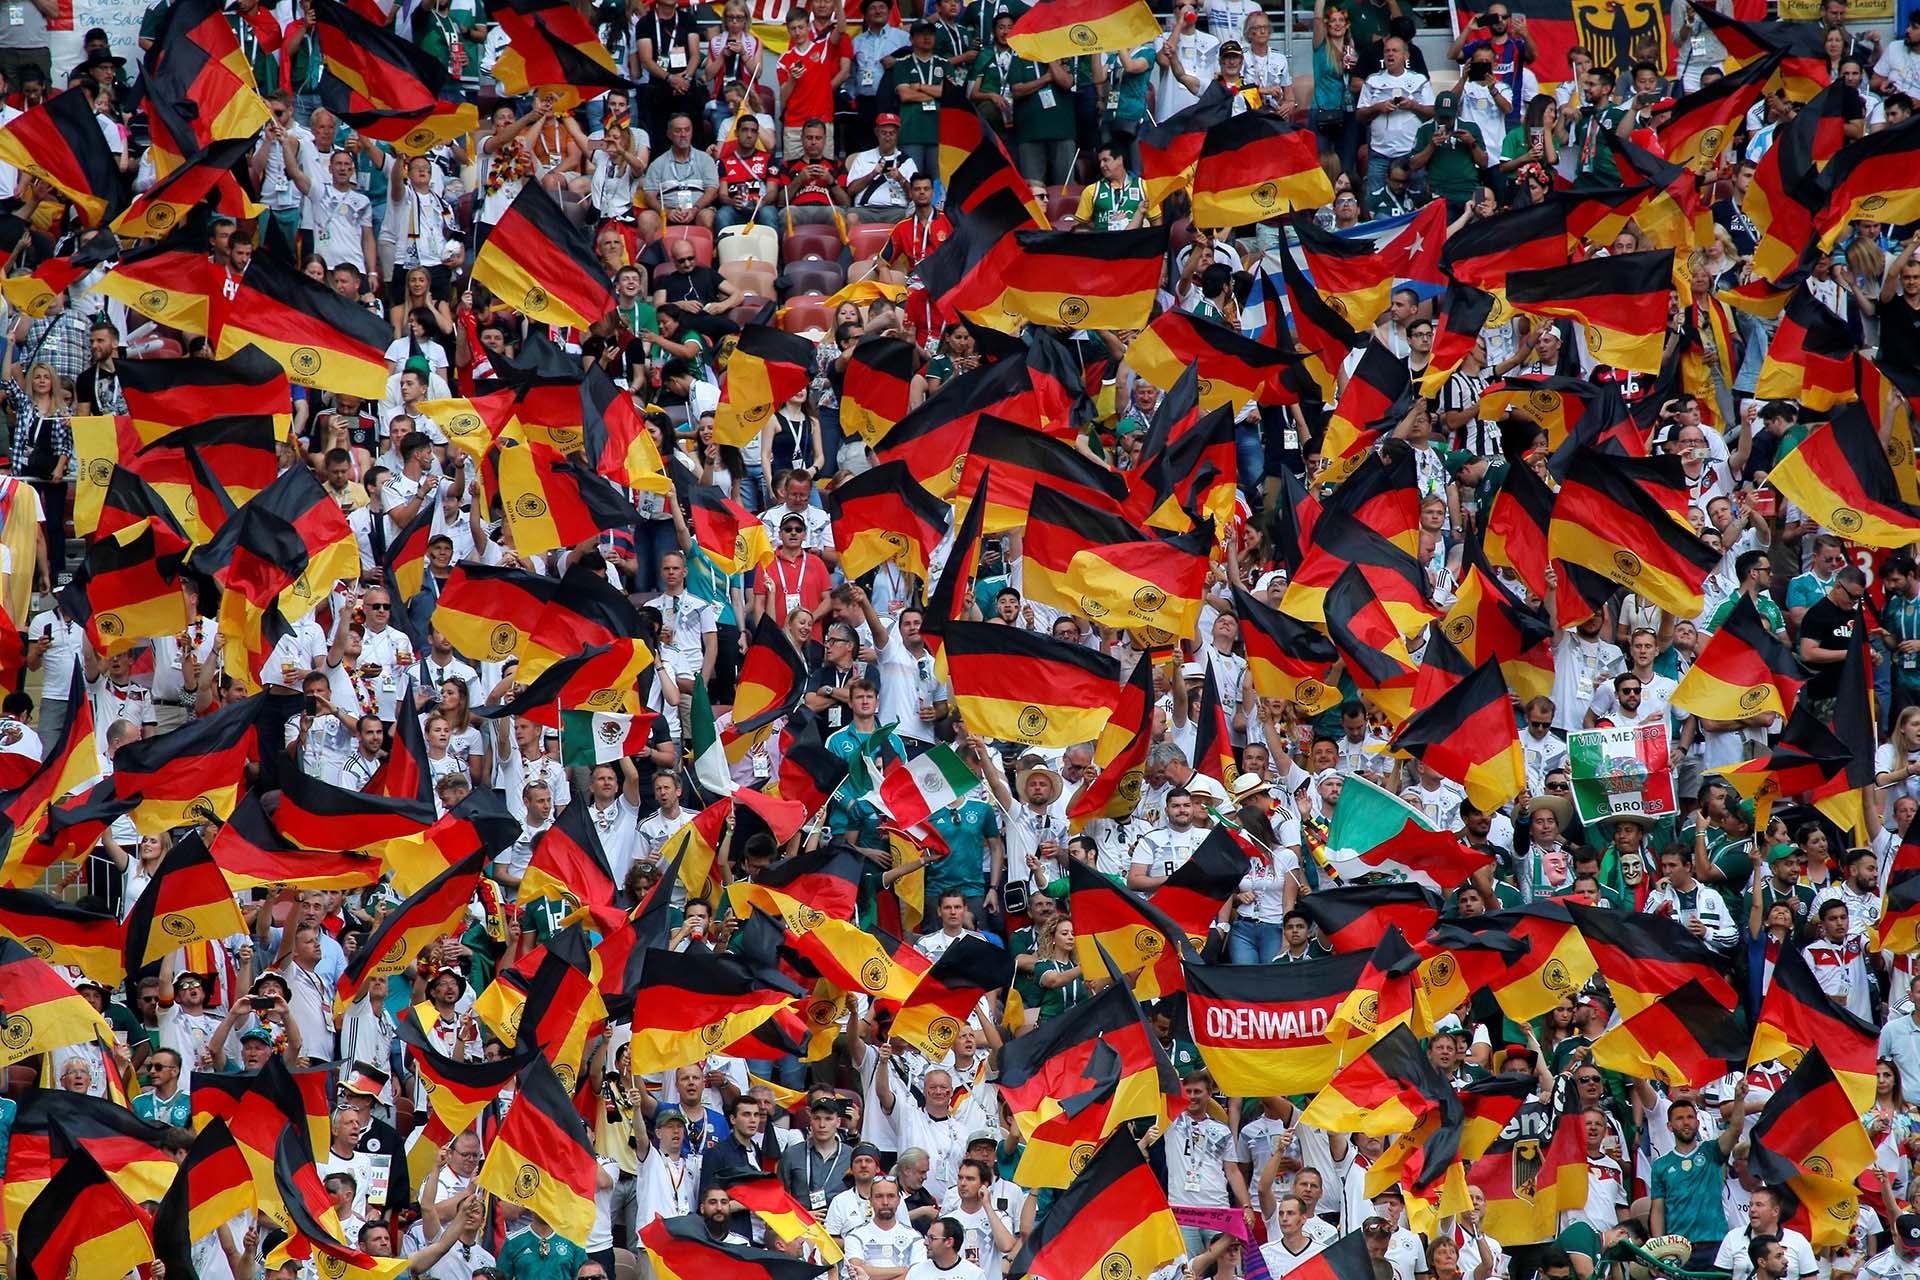 Alemania buscará comenzar con el pie derecho esta nueva edición